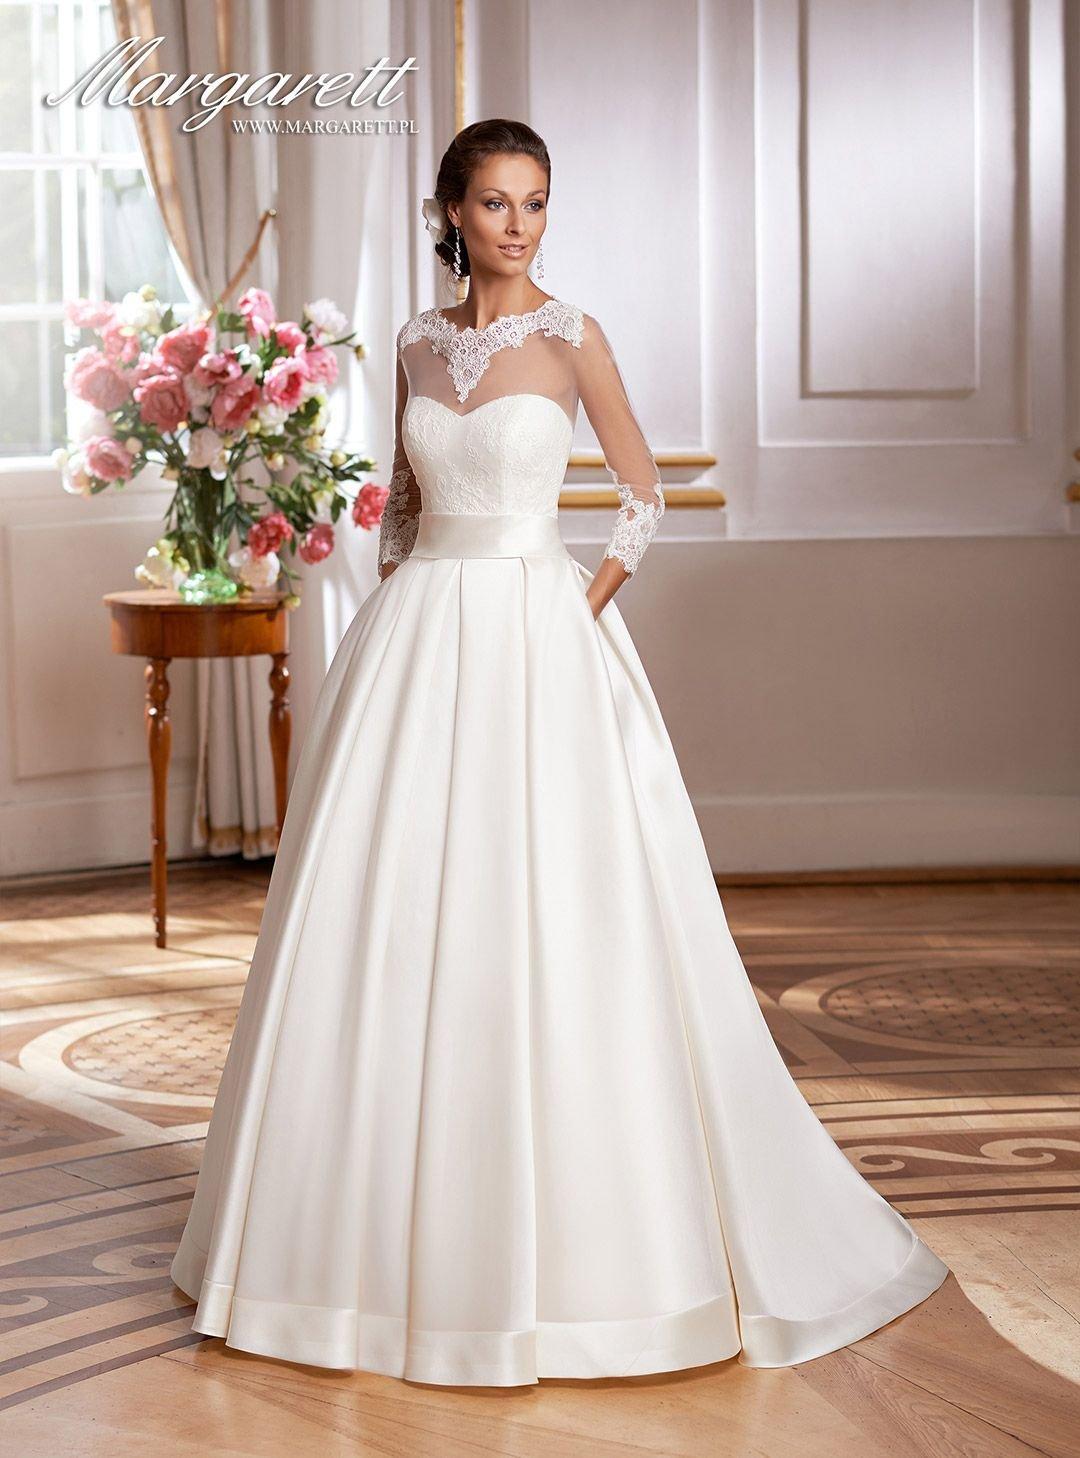 0f99cd3128 pless.pl  Piast - najpiękniejsze suknie ślubne - Pszczyna